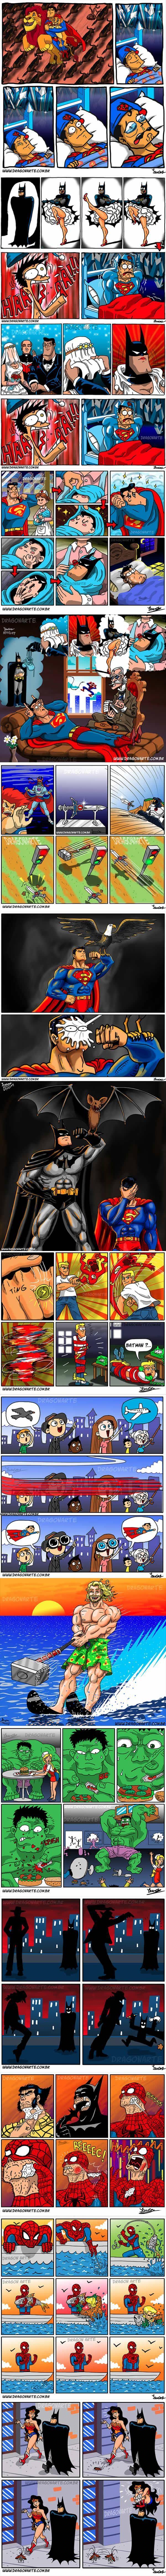 The Funniest Superhero Comics Collection (Part 2) asi estoy yo, como la amazona que lucha x la justicia y la verdad... no x lo mamá dolores, sino por las mugres cucarachas!!!